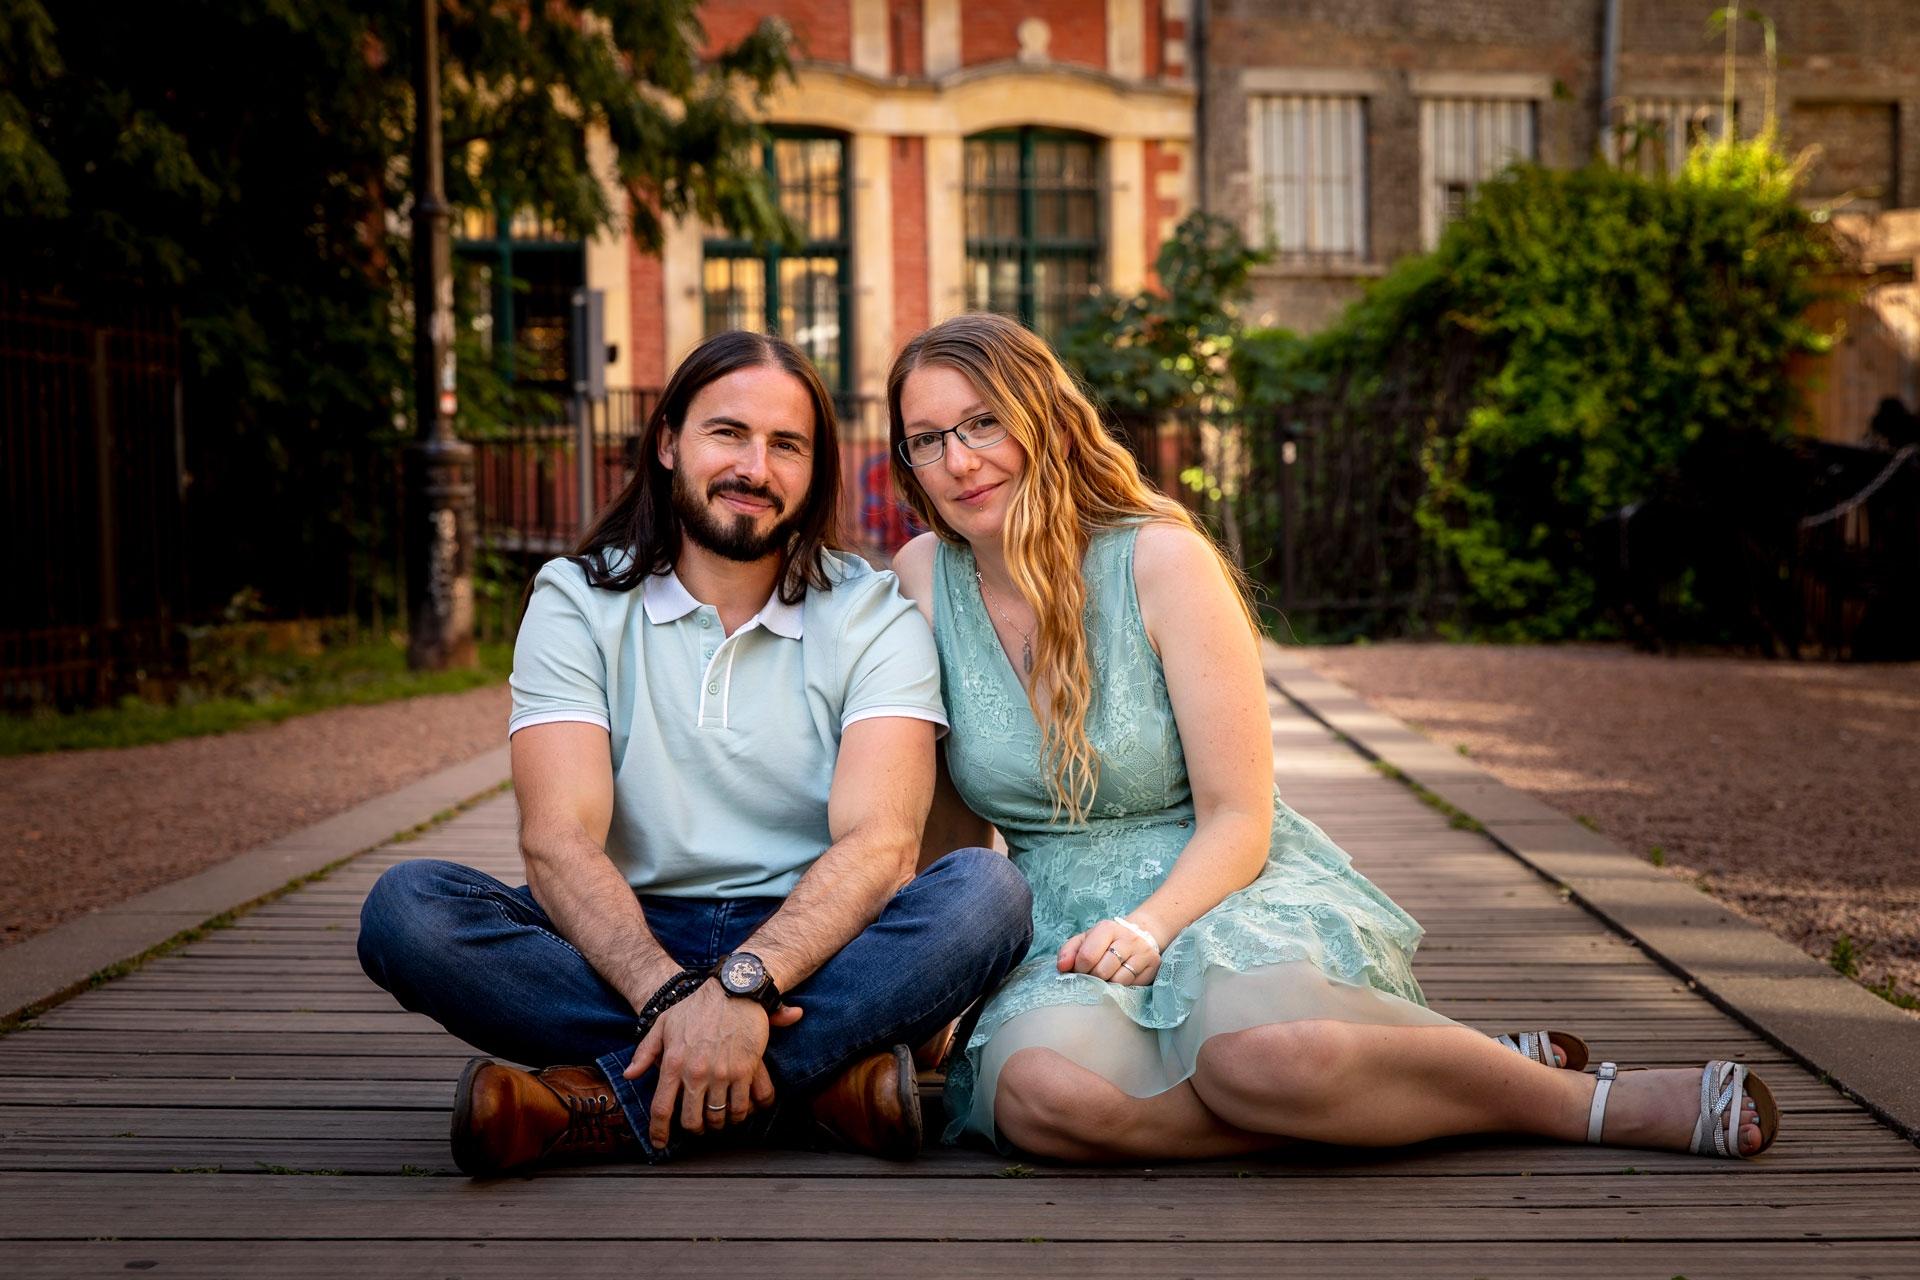 particuliers-portraits-engagement-famille-deltenre-2020-15